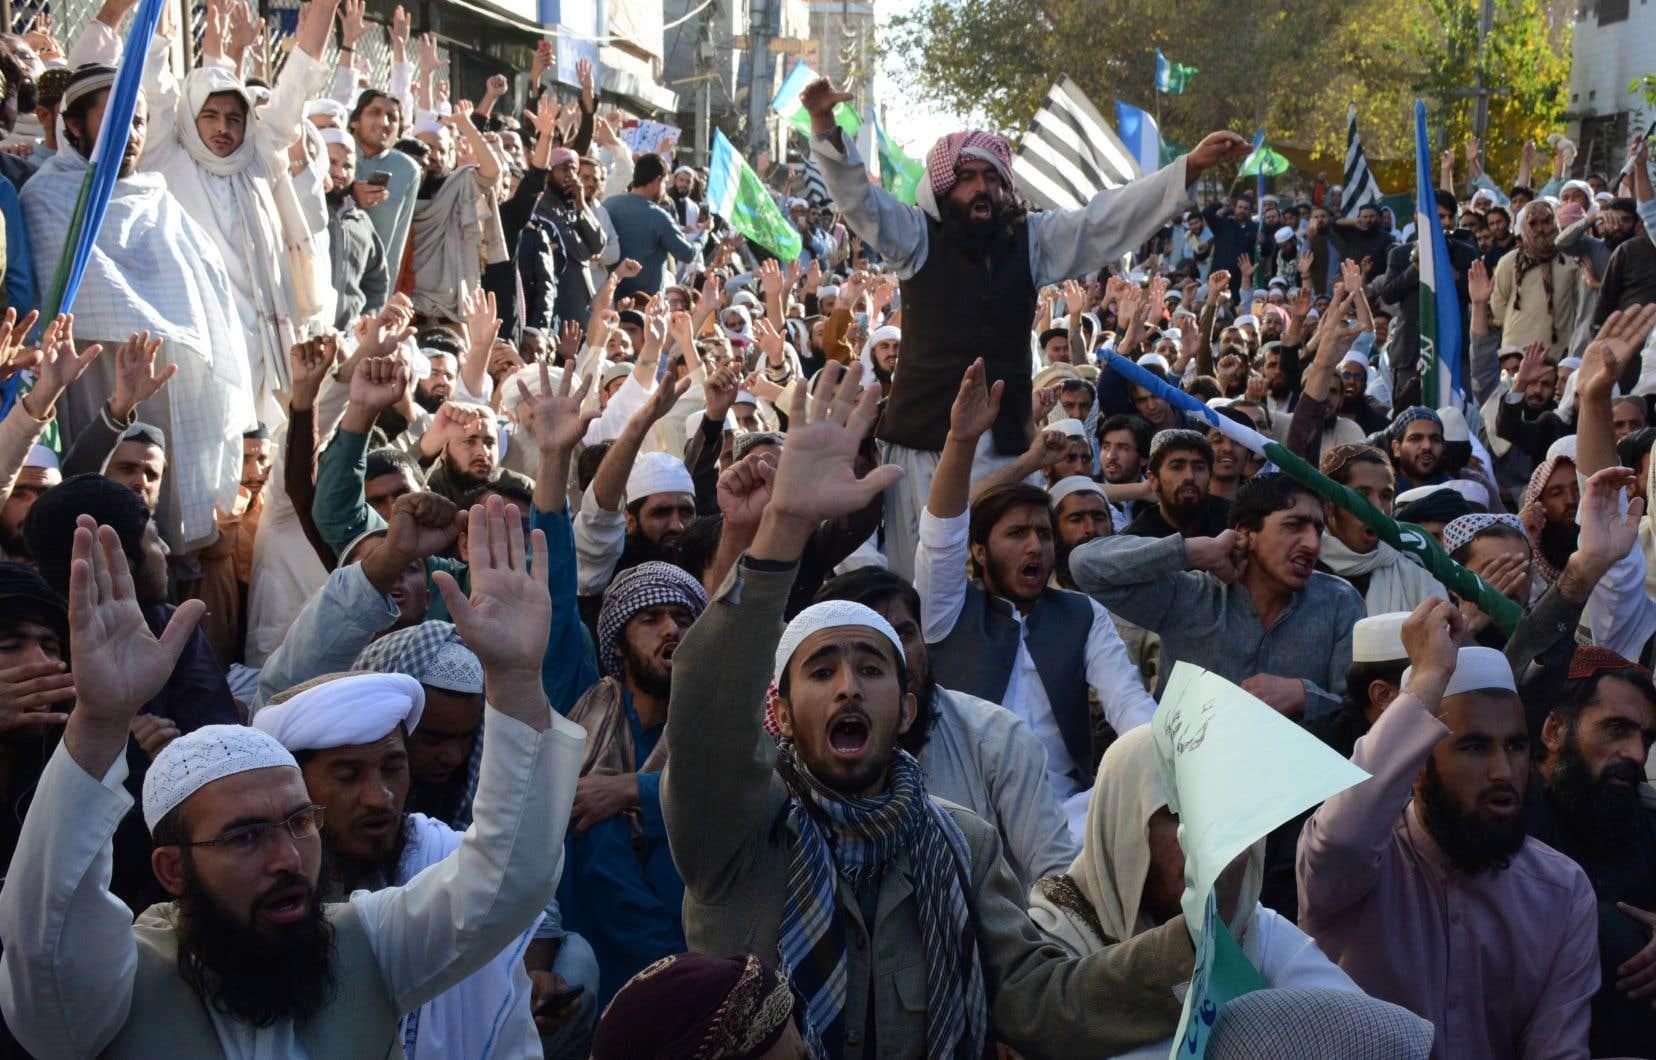 La plupart des rassemblements sont menés par le parti radical Tehreek-e-Labaik Pakistan (TLP), connu pour sa ligne particulièrement dure en matière de blasphème.